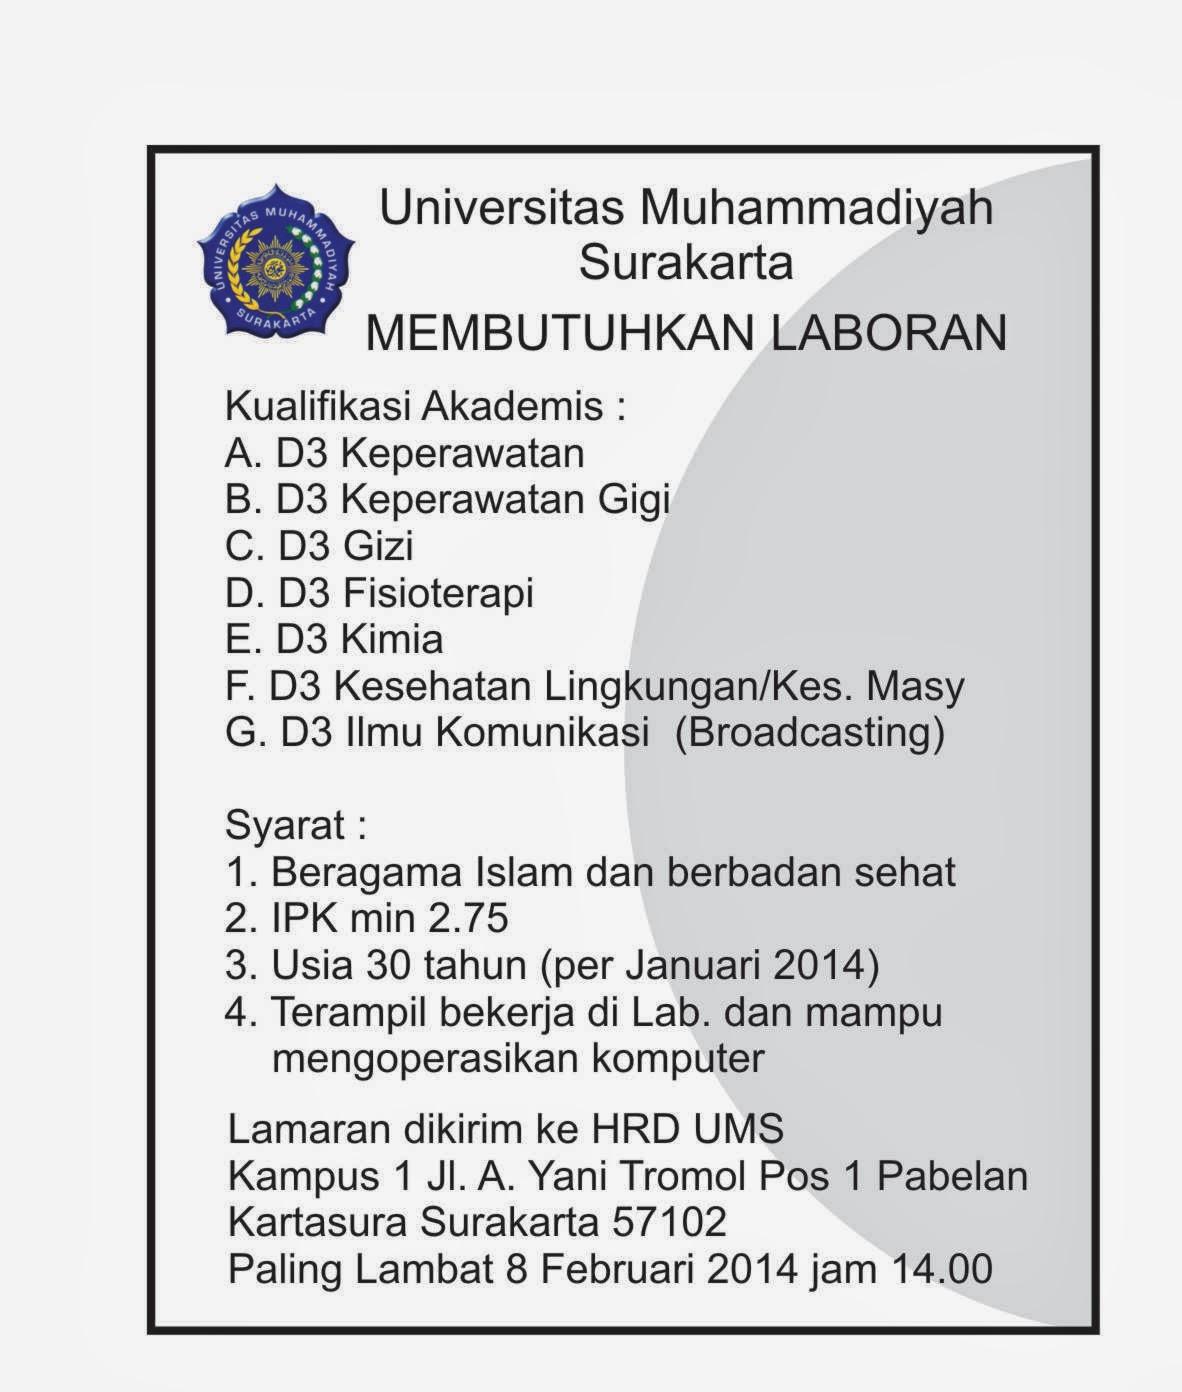 Lowongan Tenaga Laboran Univ Muhammadiyah Surakarta D3 Keperawatan D3 Keperawatan Gigi D3 Gizi D3 Fisioterapi D3 Kimia D3 Kesehatan Lingkungan/Kes. Masy